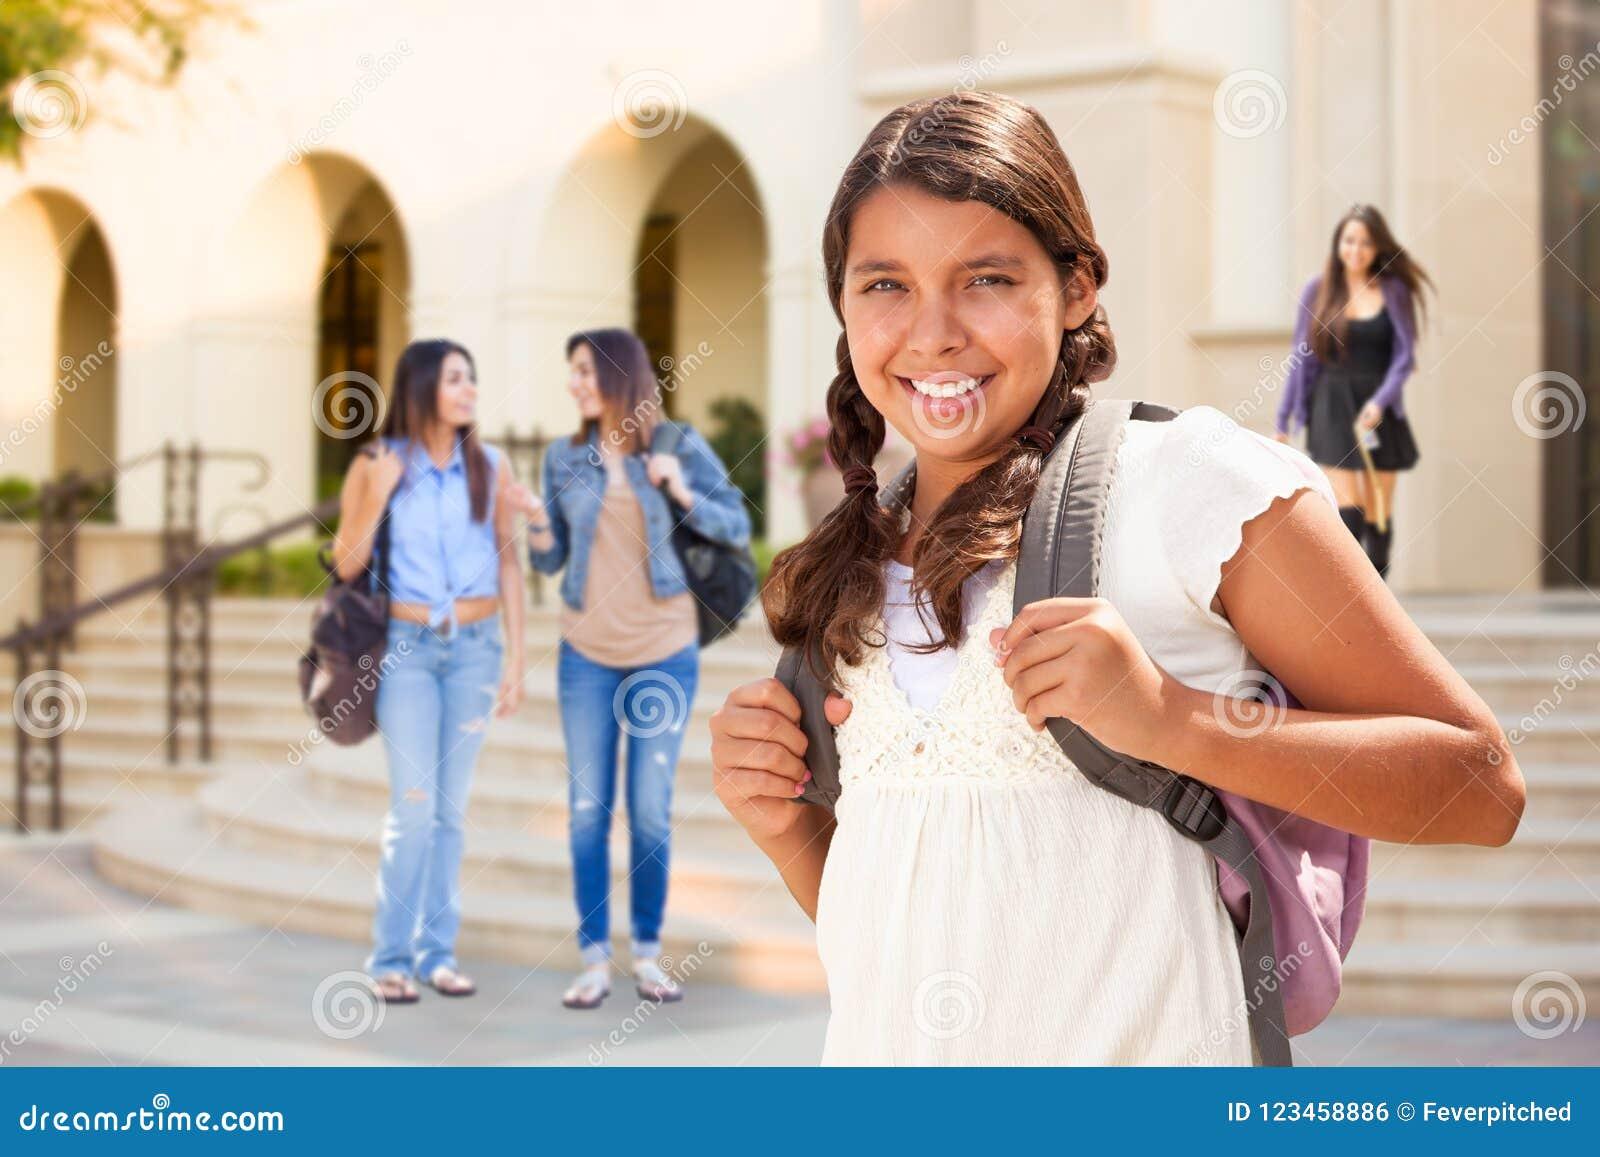 Talk to girls online free